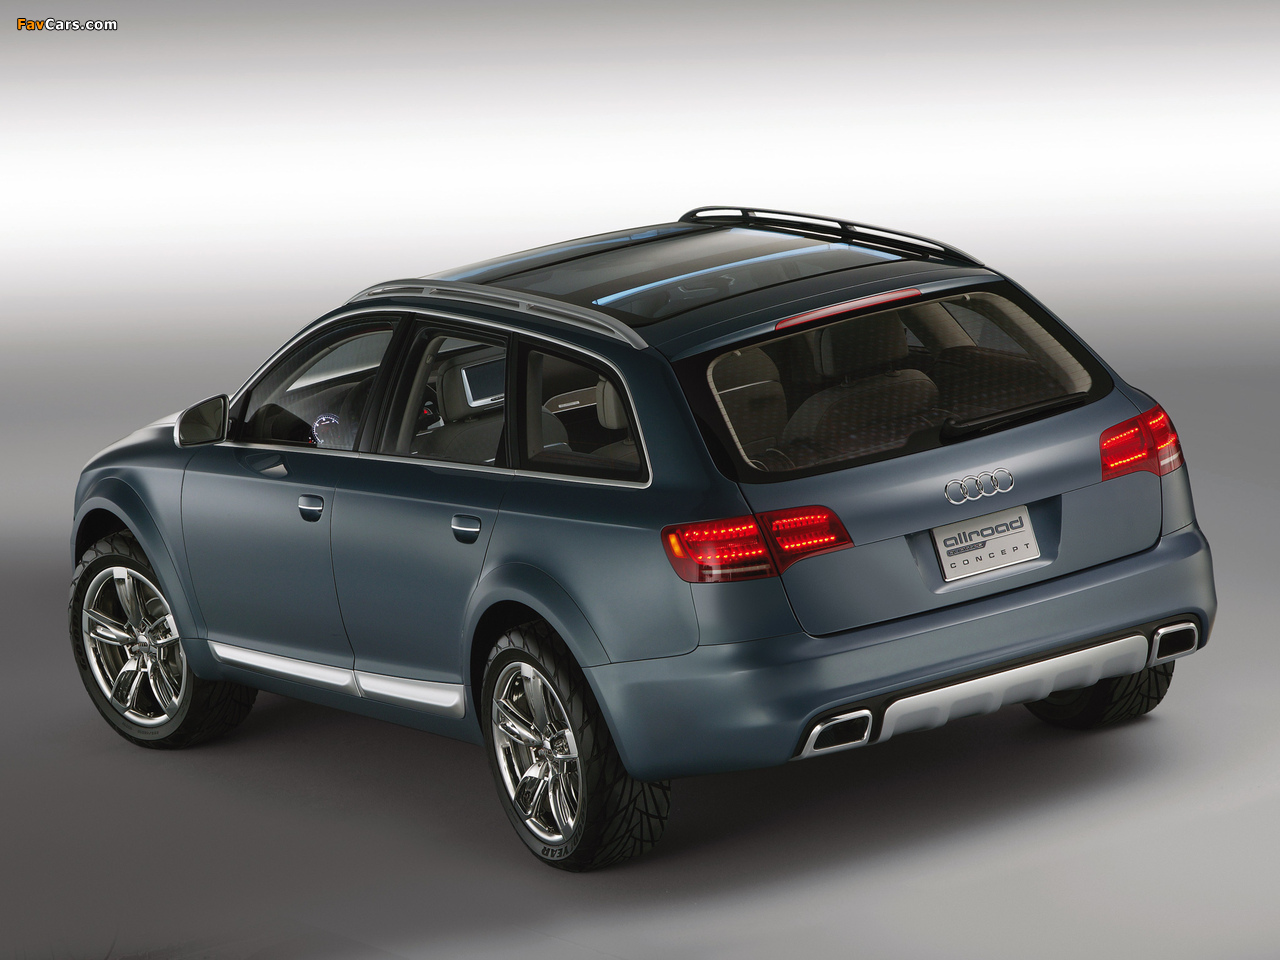 Audi Allroad Quattro Concept 4f C6 2005 Images 1280x960